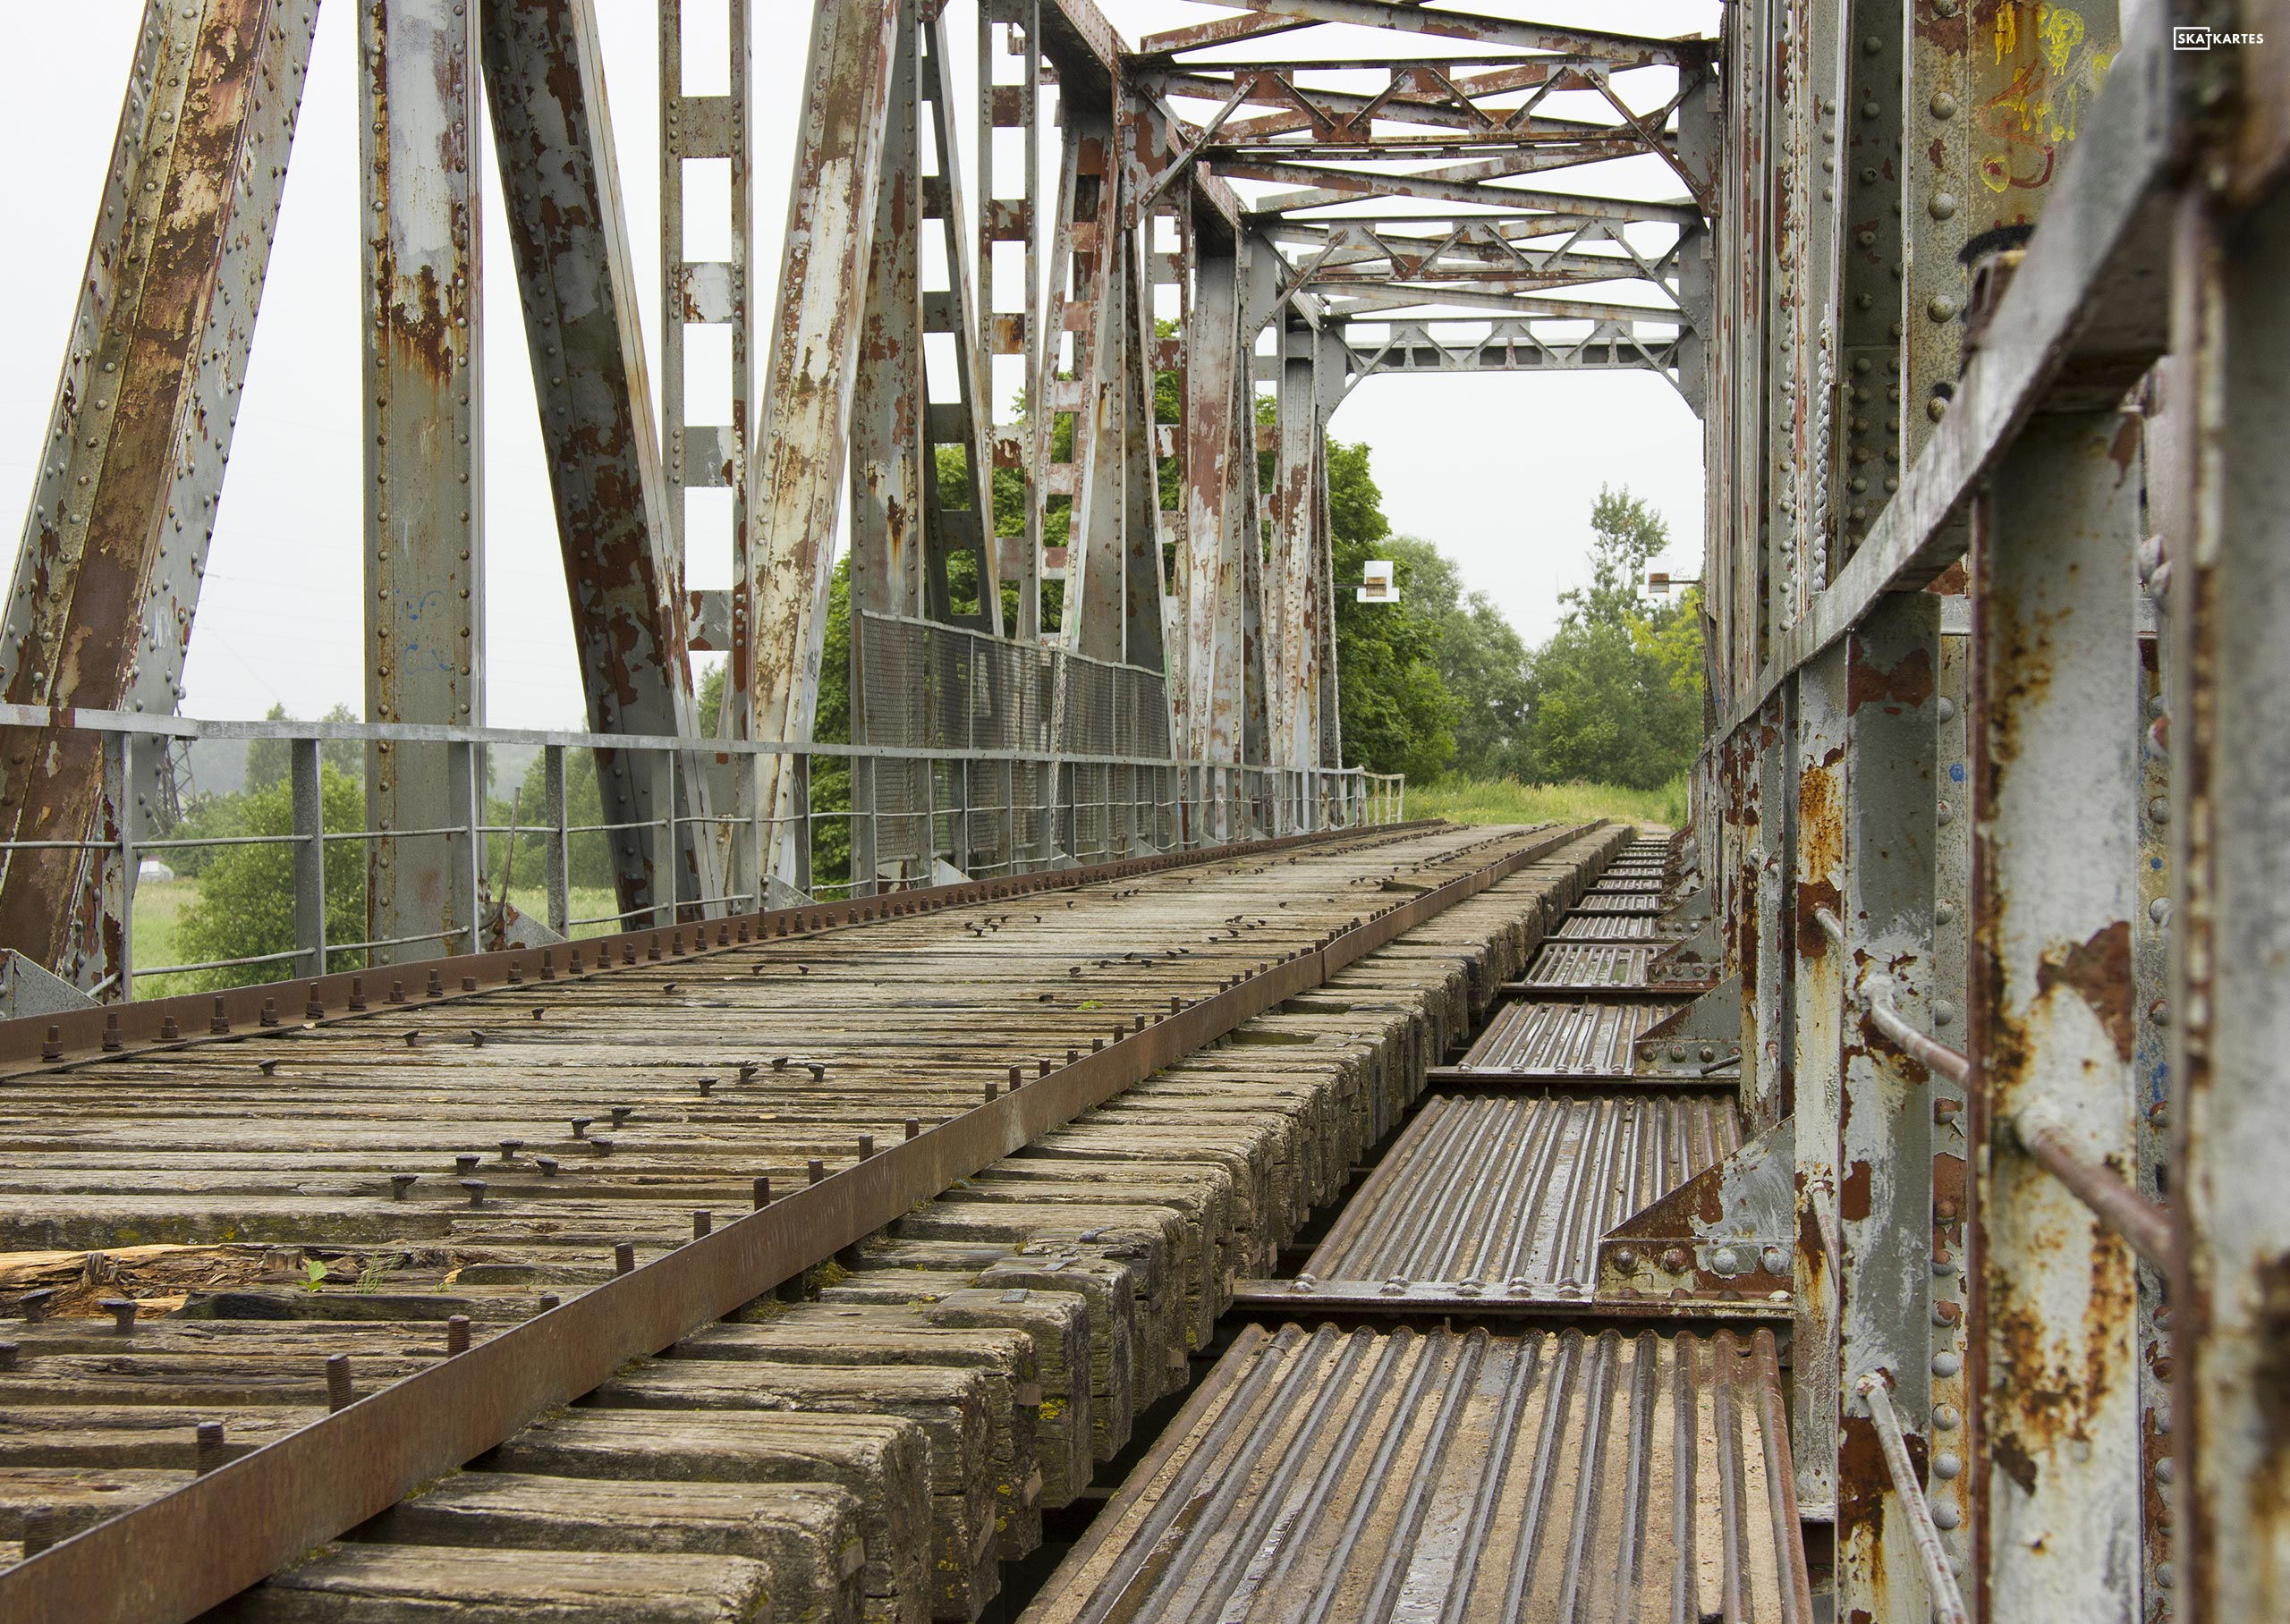 Skatkarte Nr. 1186 - Vecais, pamestais Juglas dzelzceļa tilts (2015. gada aprīlis).